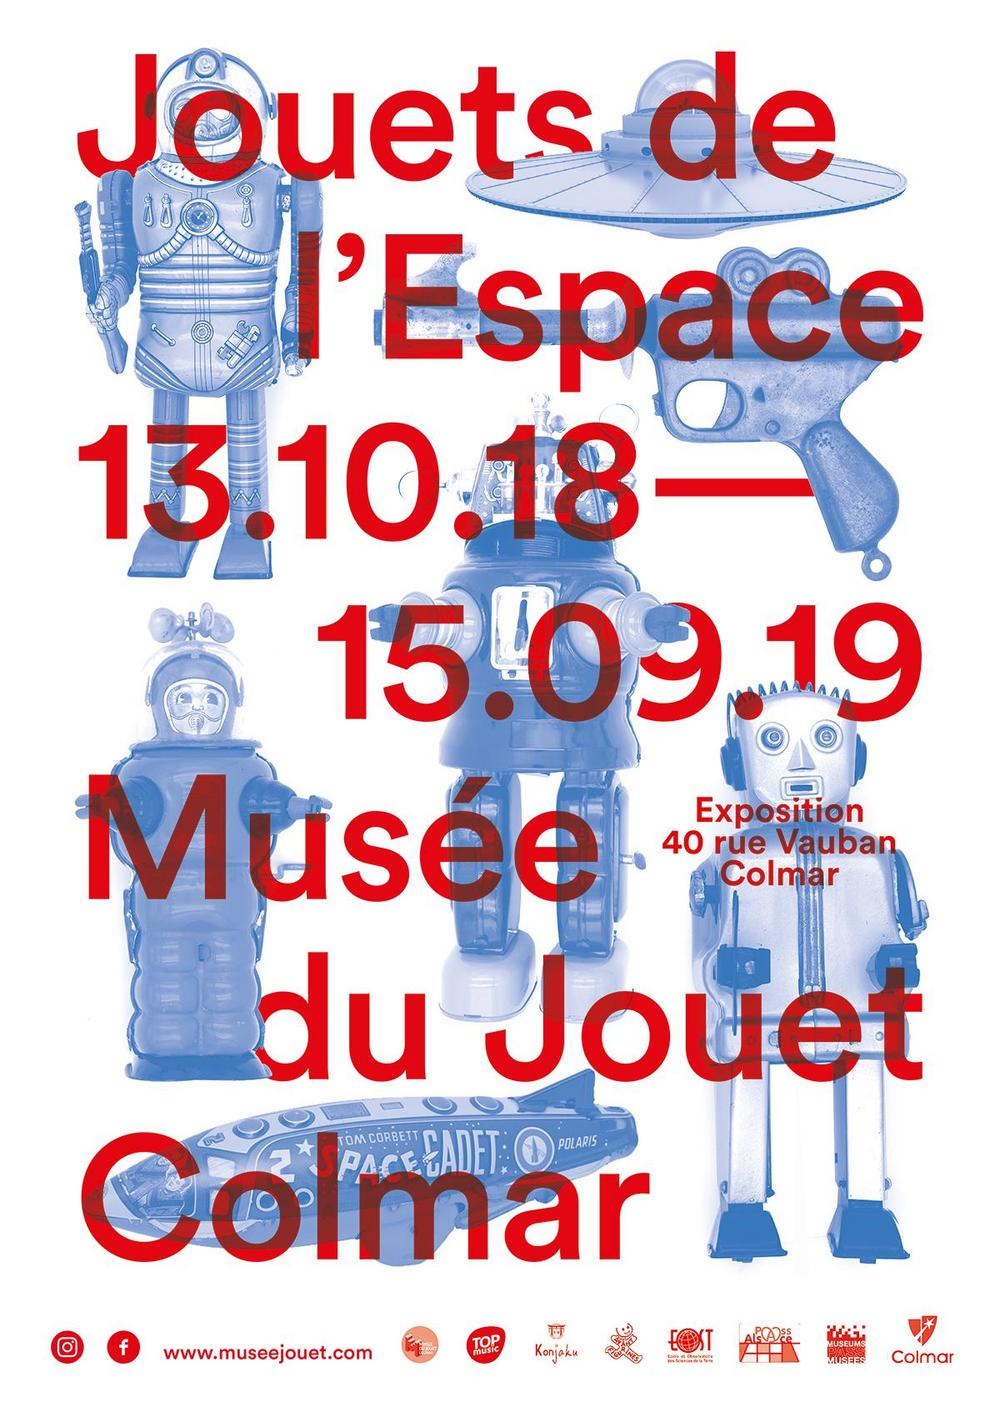 Du Jouets 15 De Colmar Au À 13 2018 Octobre L'espace Exposition XZPwkliTOu